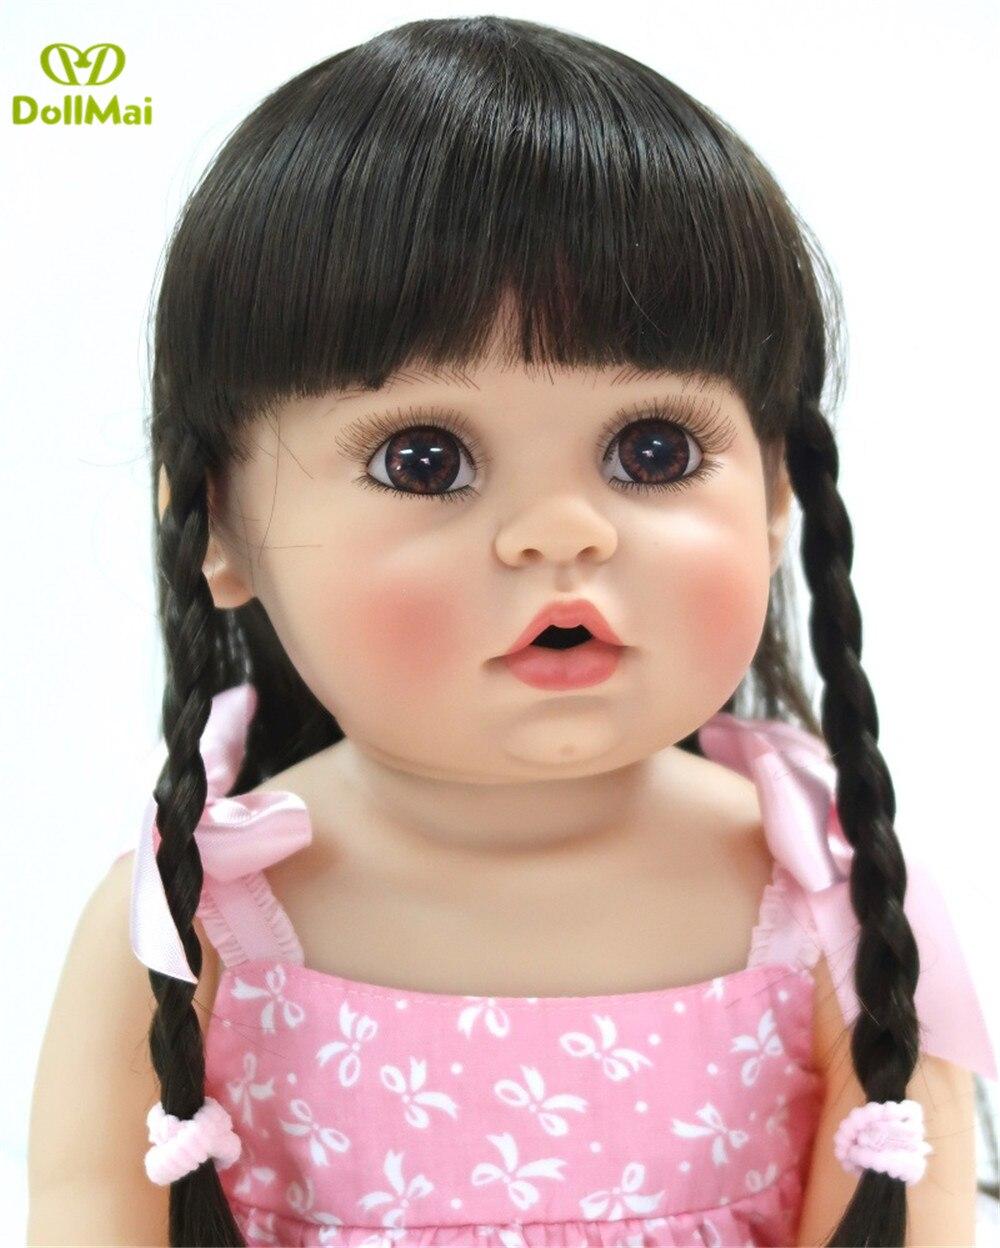 de vinil silicone renascer bebe realista crianca playmate boneca presente 02